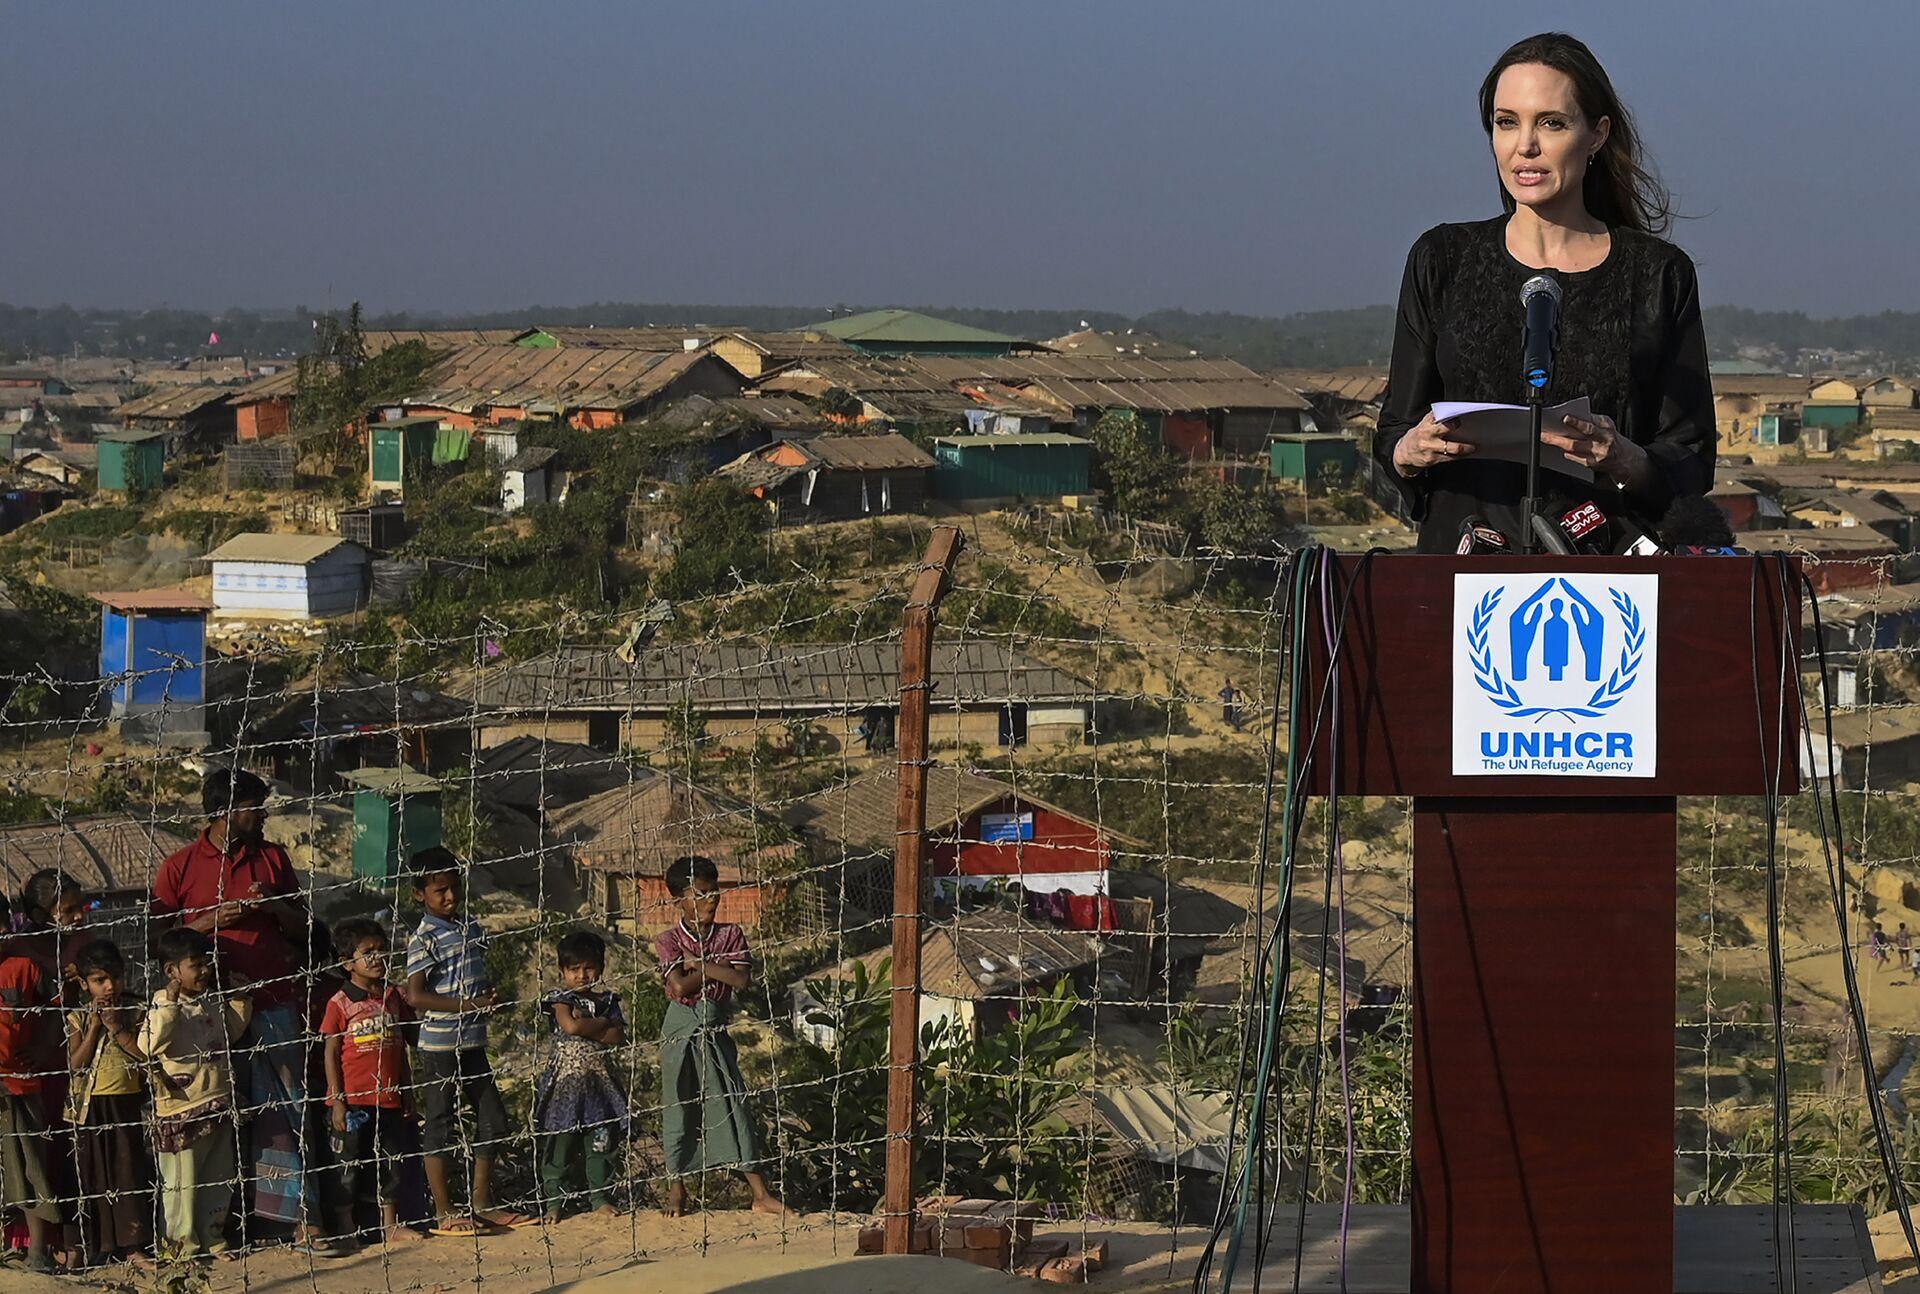 Актриса и посланник ООН по делам беженцев Анджелина Джоли во время визита в Бангладеш - Sputnik Грузия, 1920, 24.08.2021